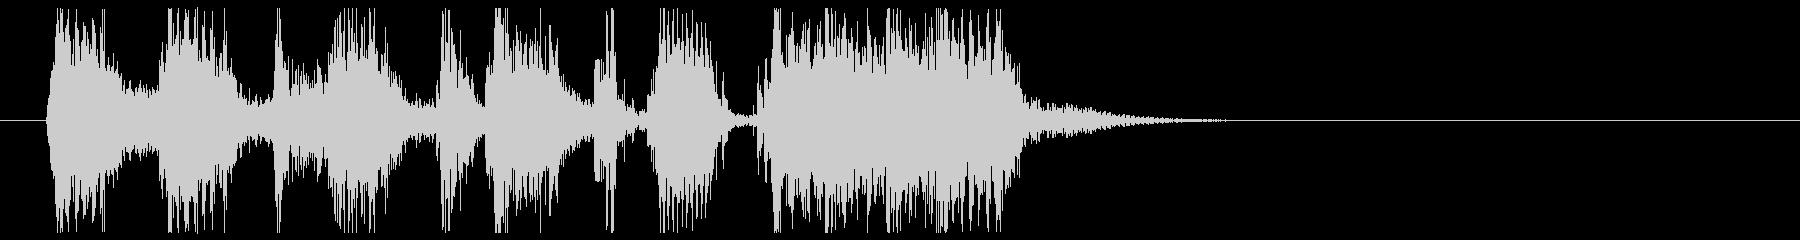 コミカルなシーンなどの導入音の未再生の波形